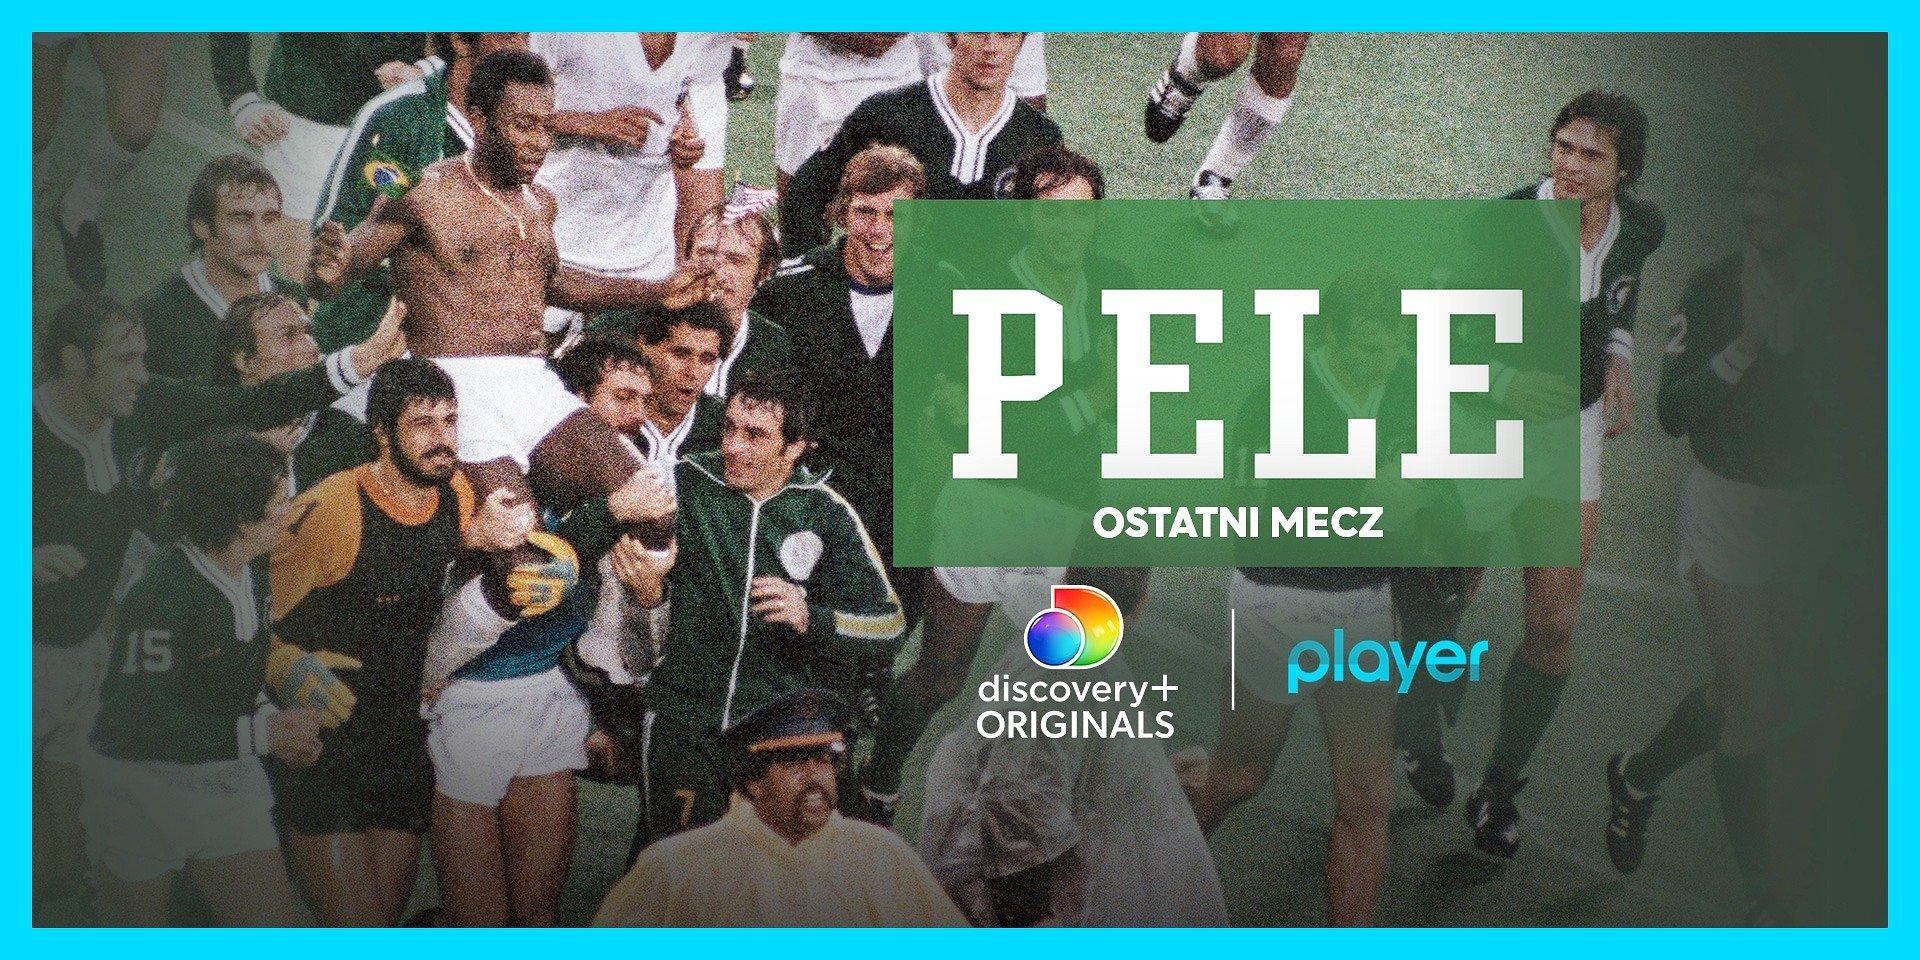 """""""Pele: ostatni mecz"""" i kolekcja dokumentów discovery+ Originals o piłce nożnej – tylko na Playerze!"""